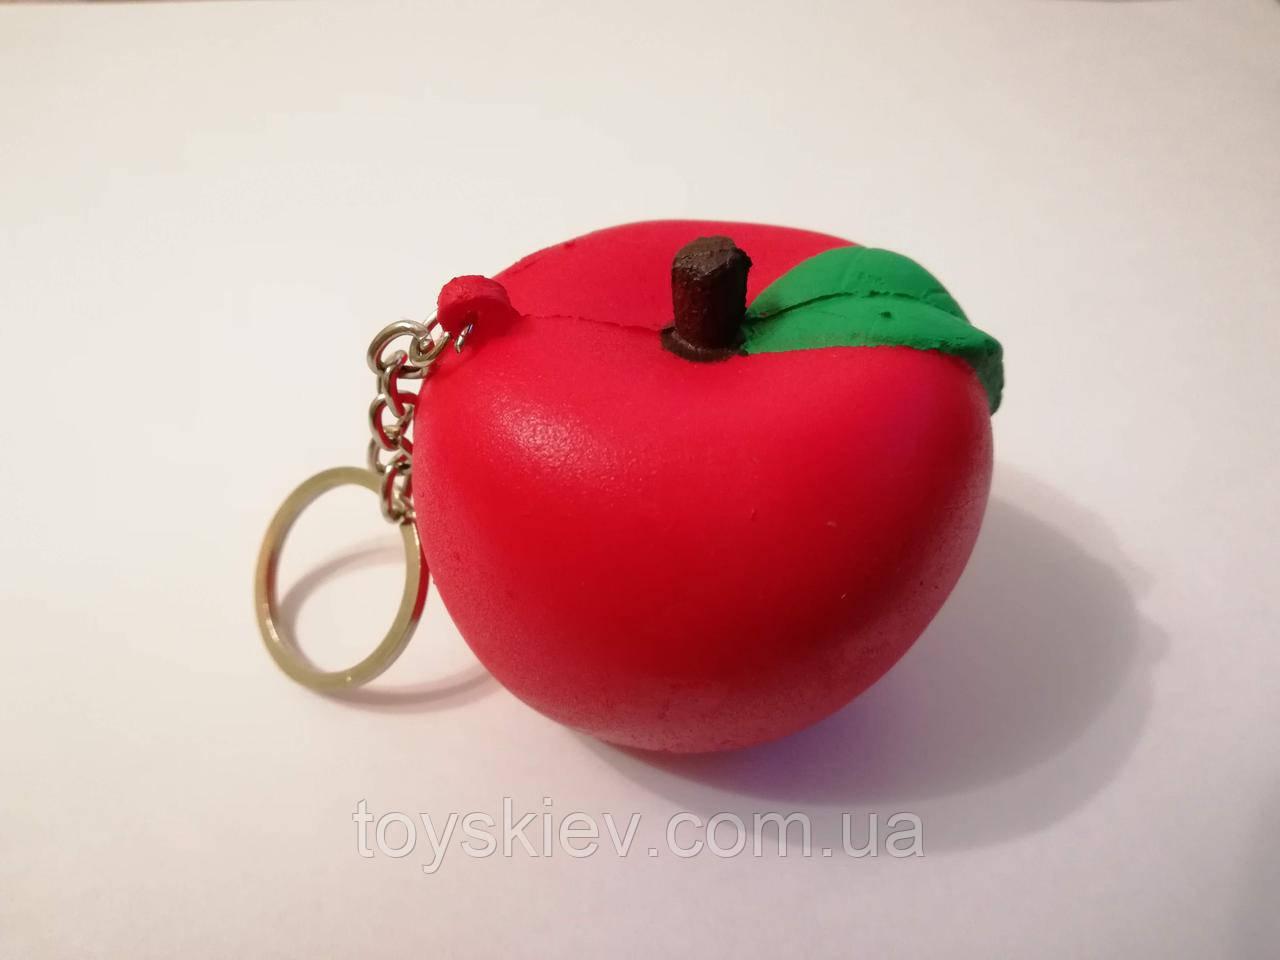 Сквиши SQUISHY Яблоко брелок Сквиш Антистресс игрушка ароматная маленькая